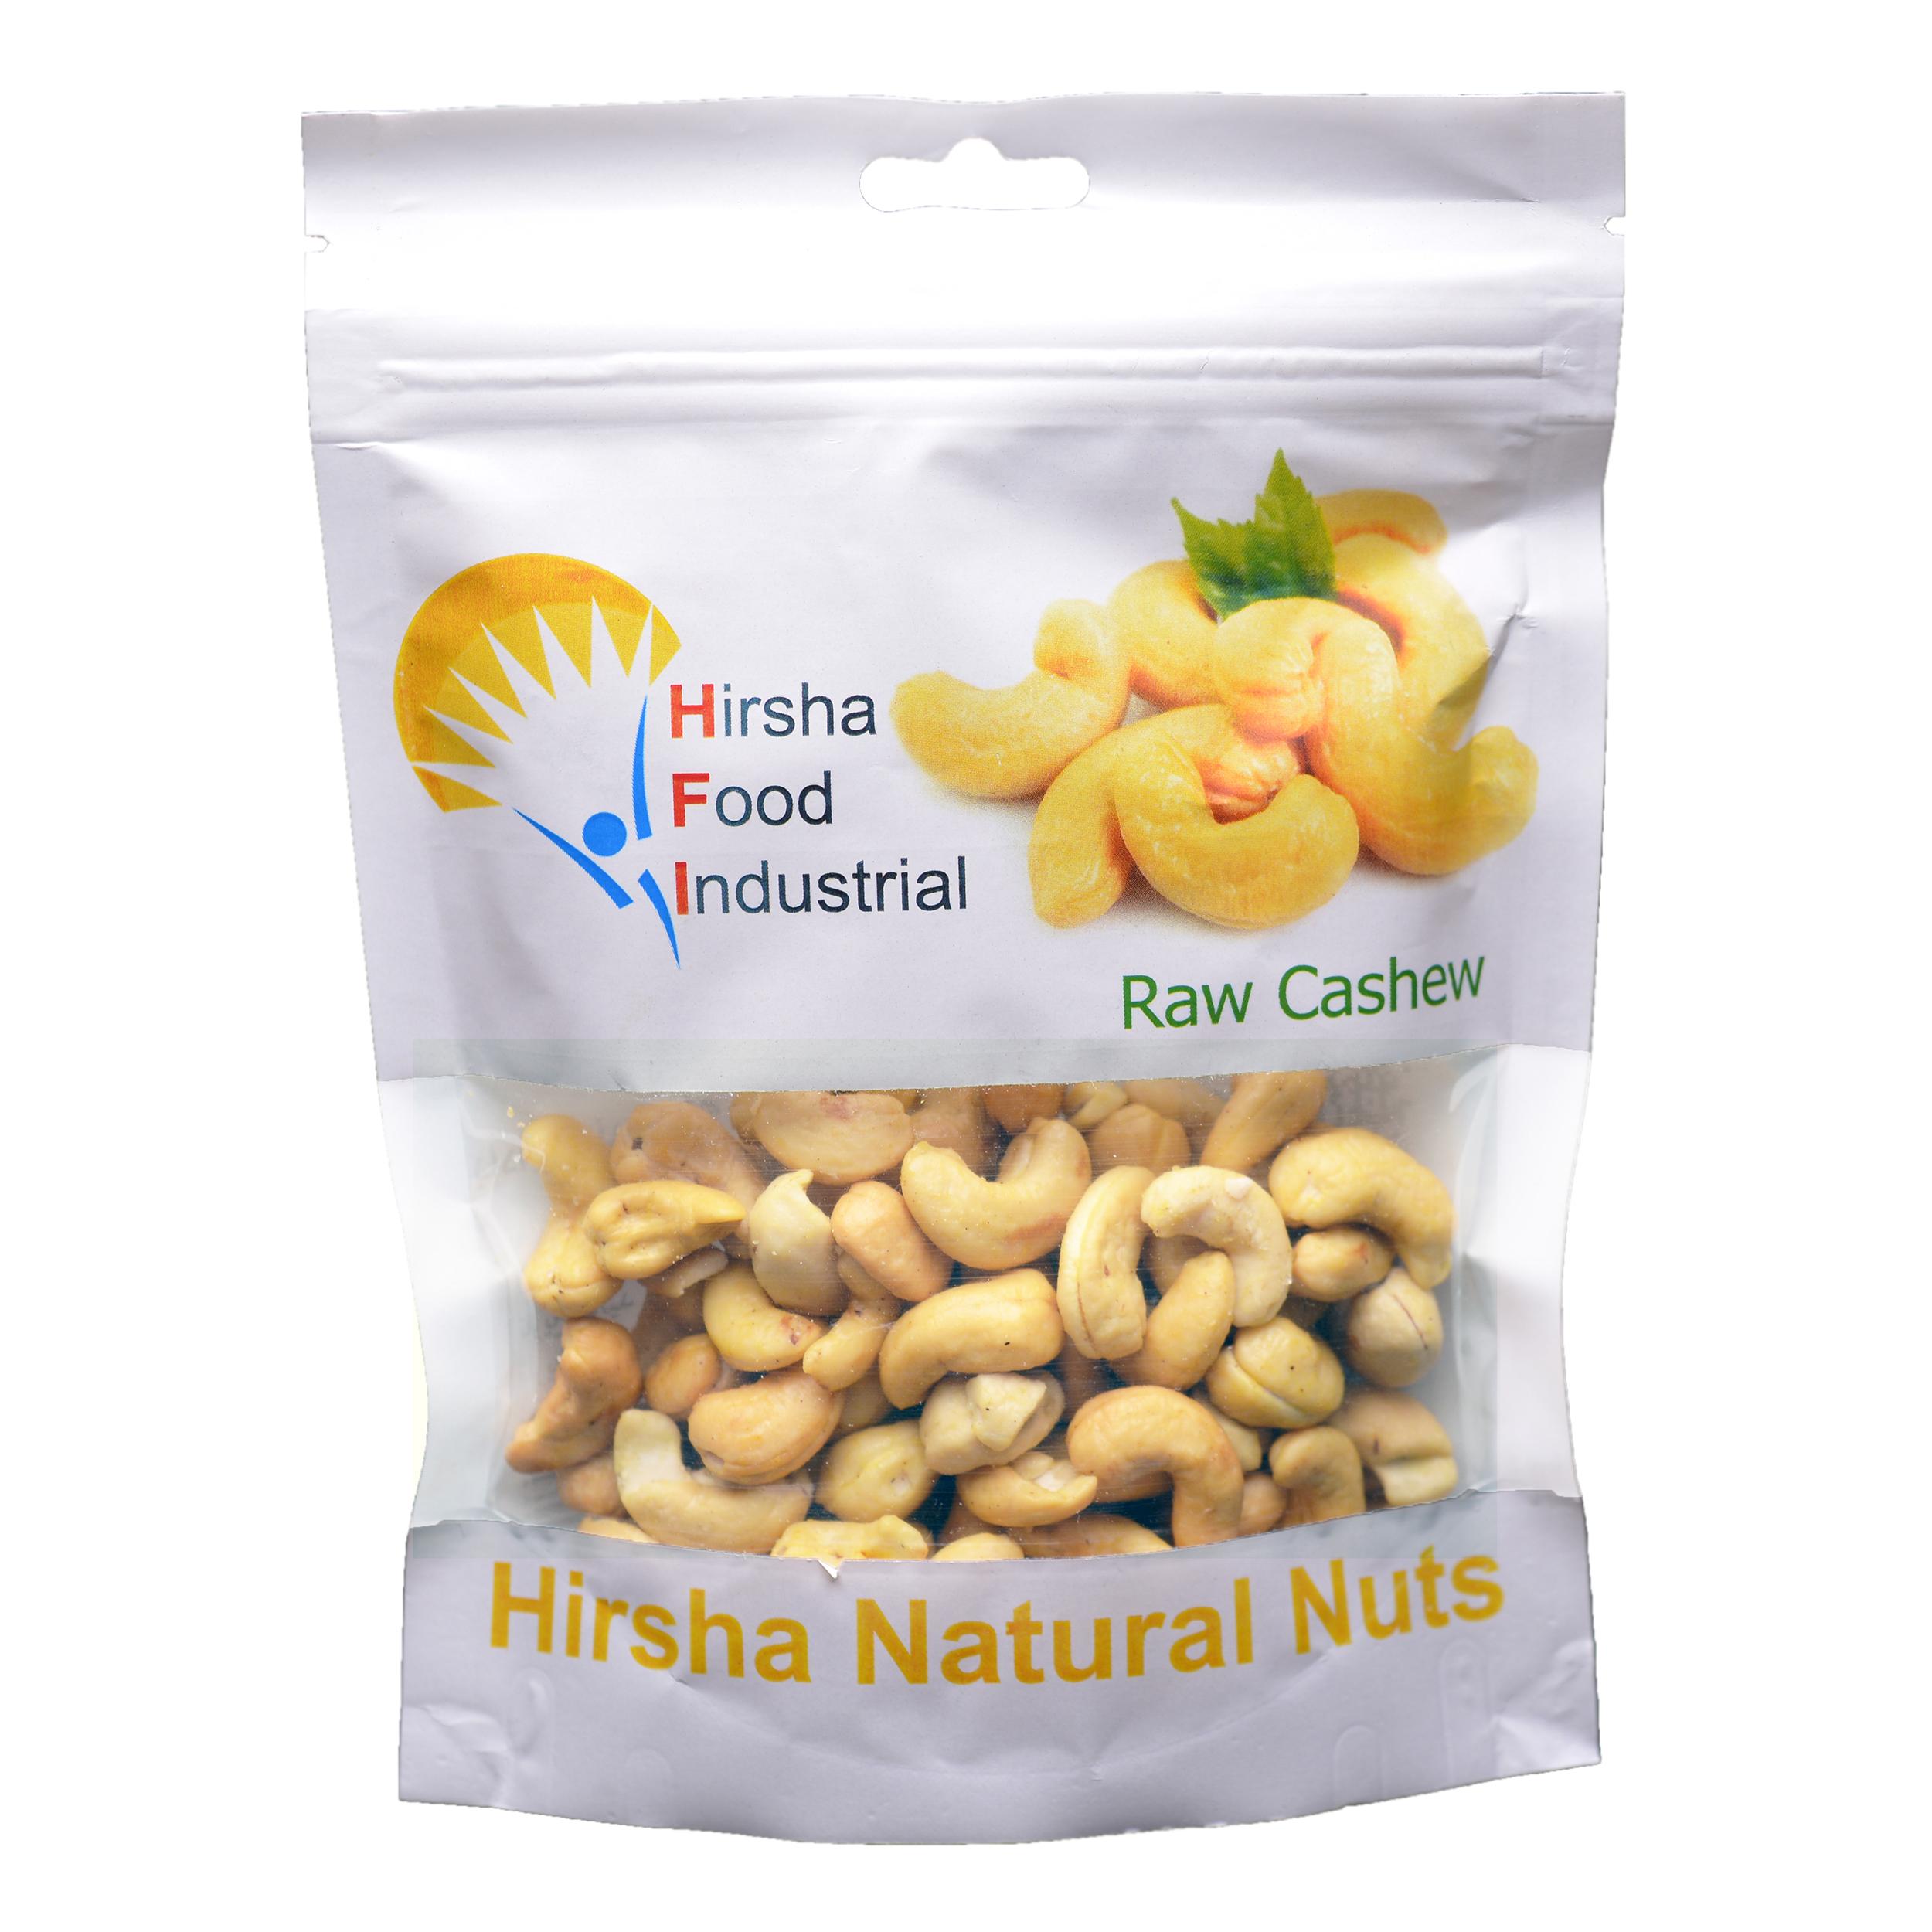 بادام هندی خام هیرشا - 175 گرم